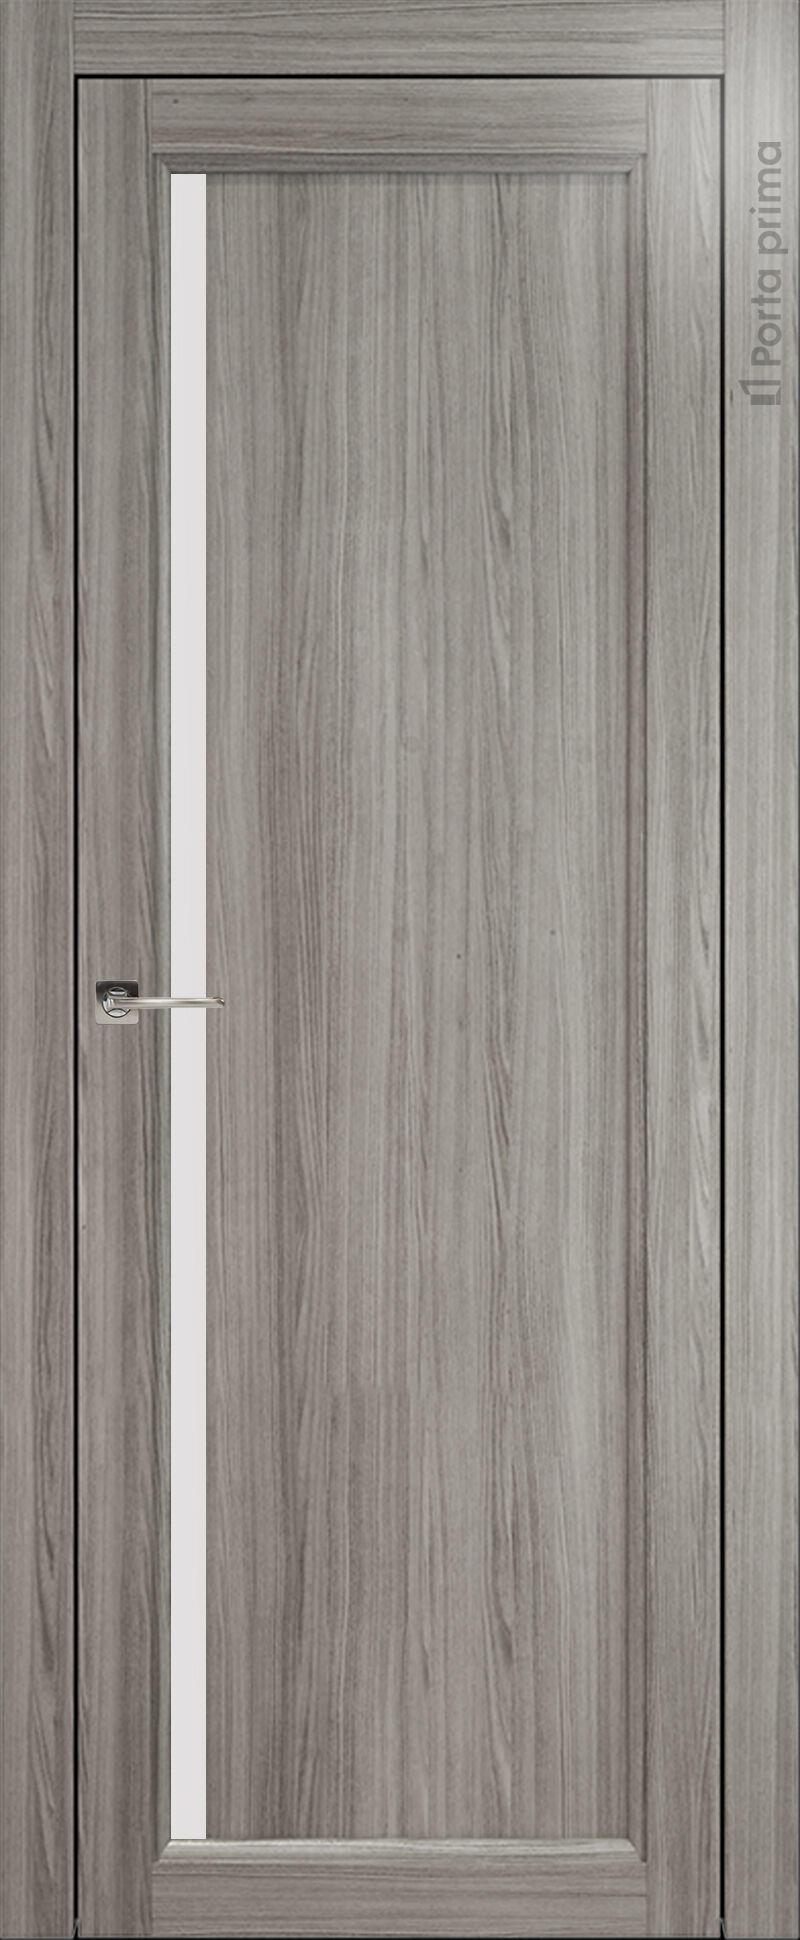 Sorrento-R З4 цвет - Орех пепельный Без стекла (ДГ)